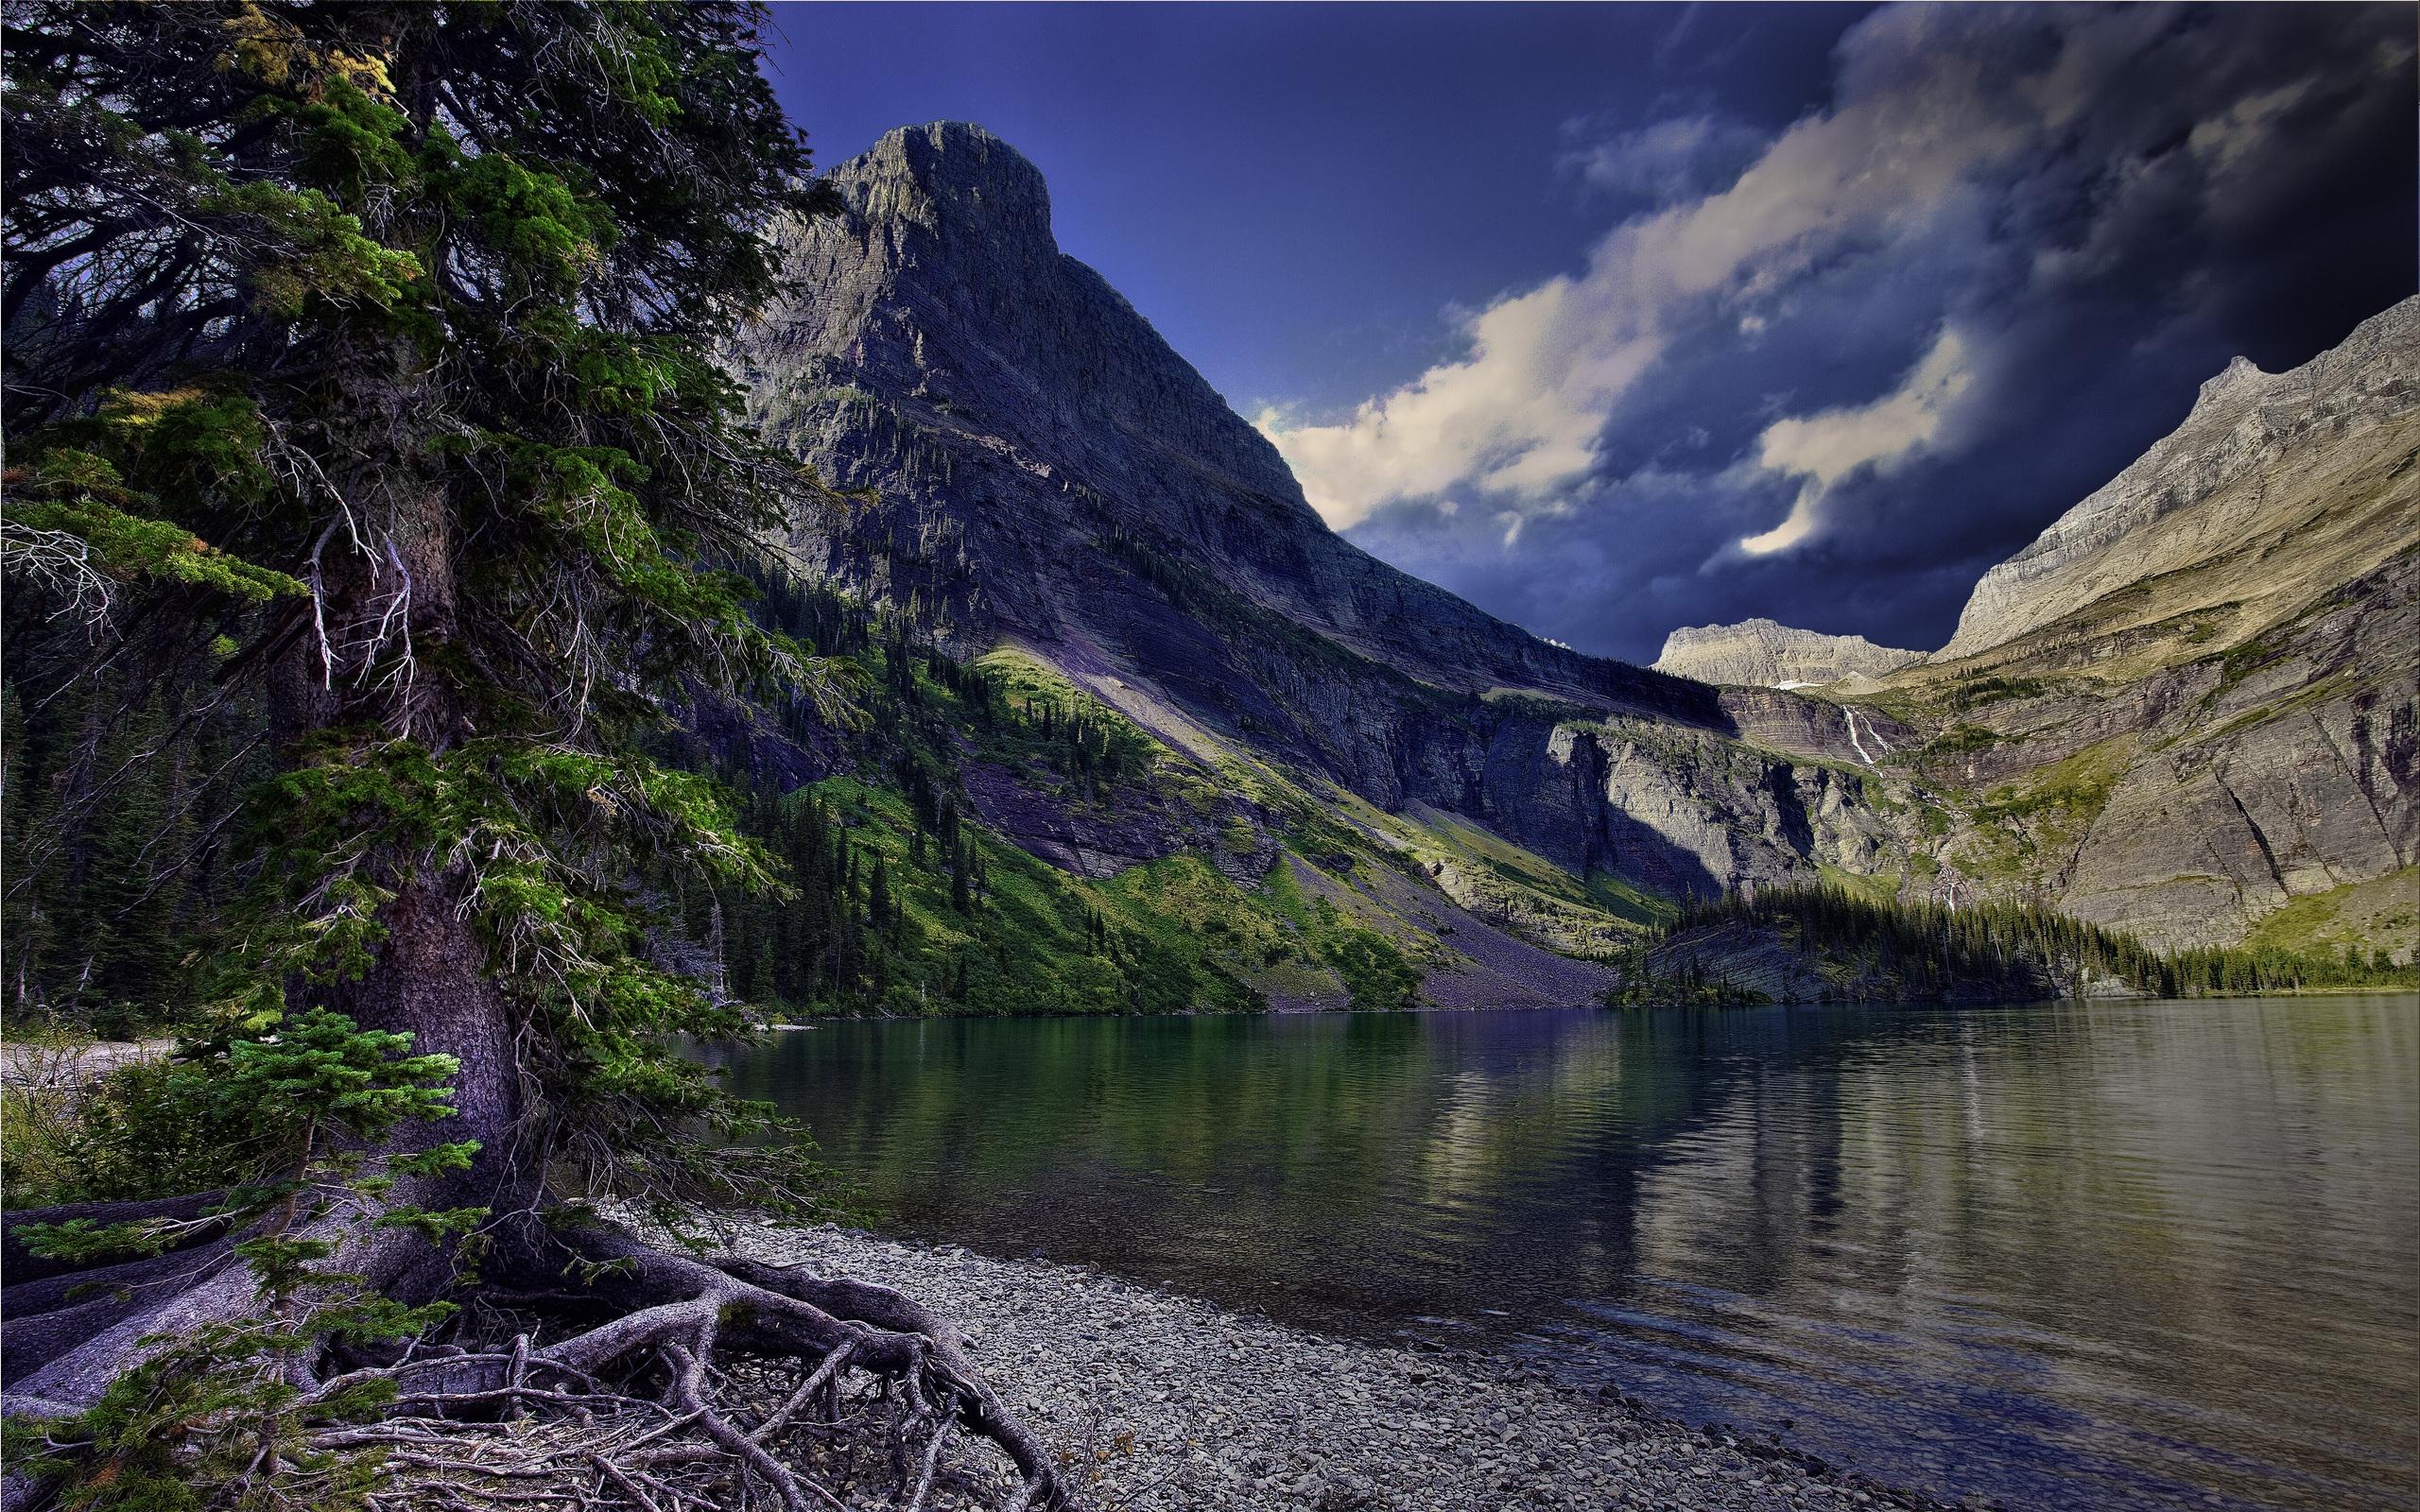 Озеро у подножья гор скачать